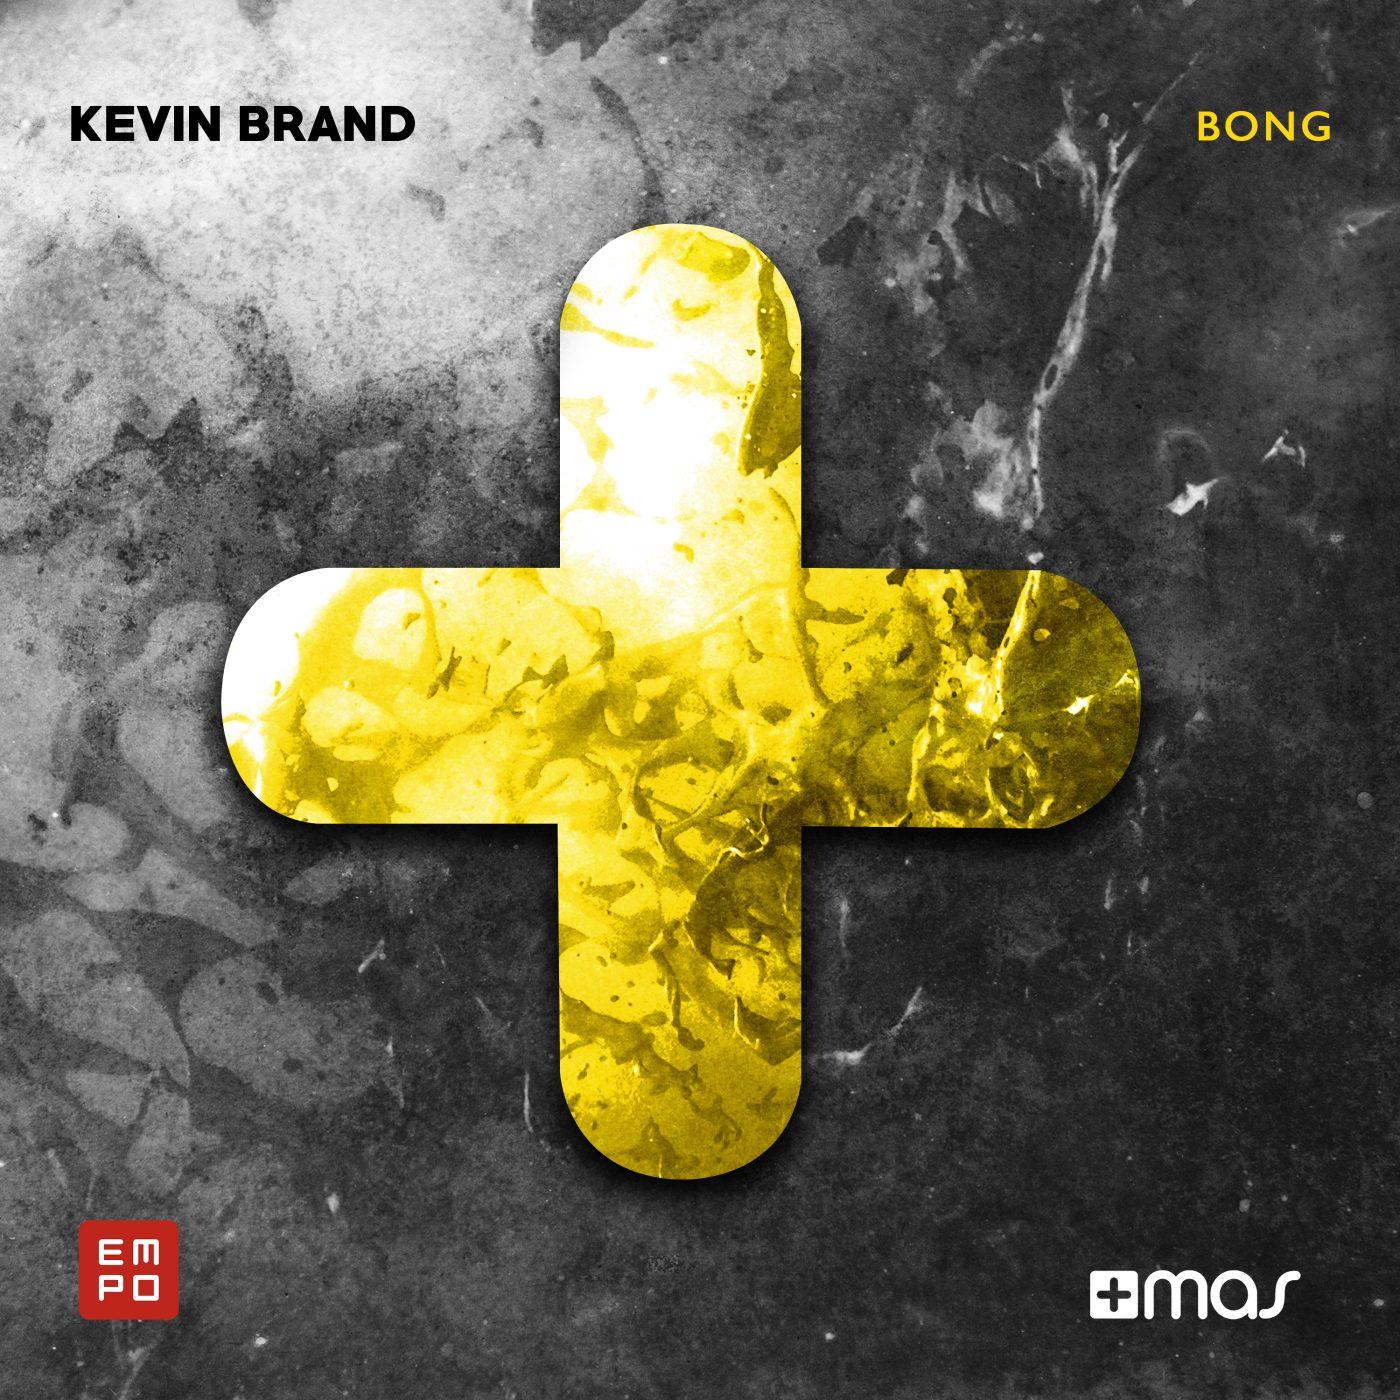 Kevin Brand - Bong | EMPO | EMPOTV